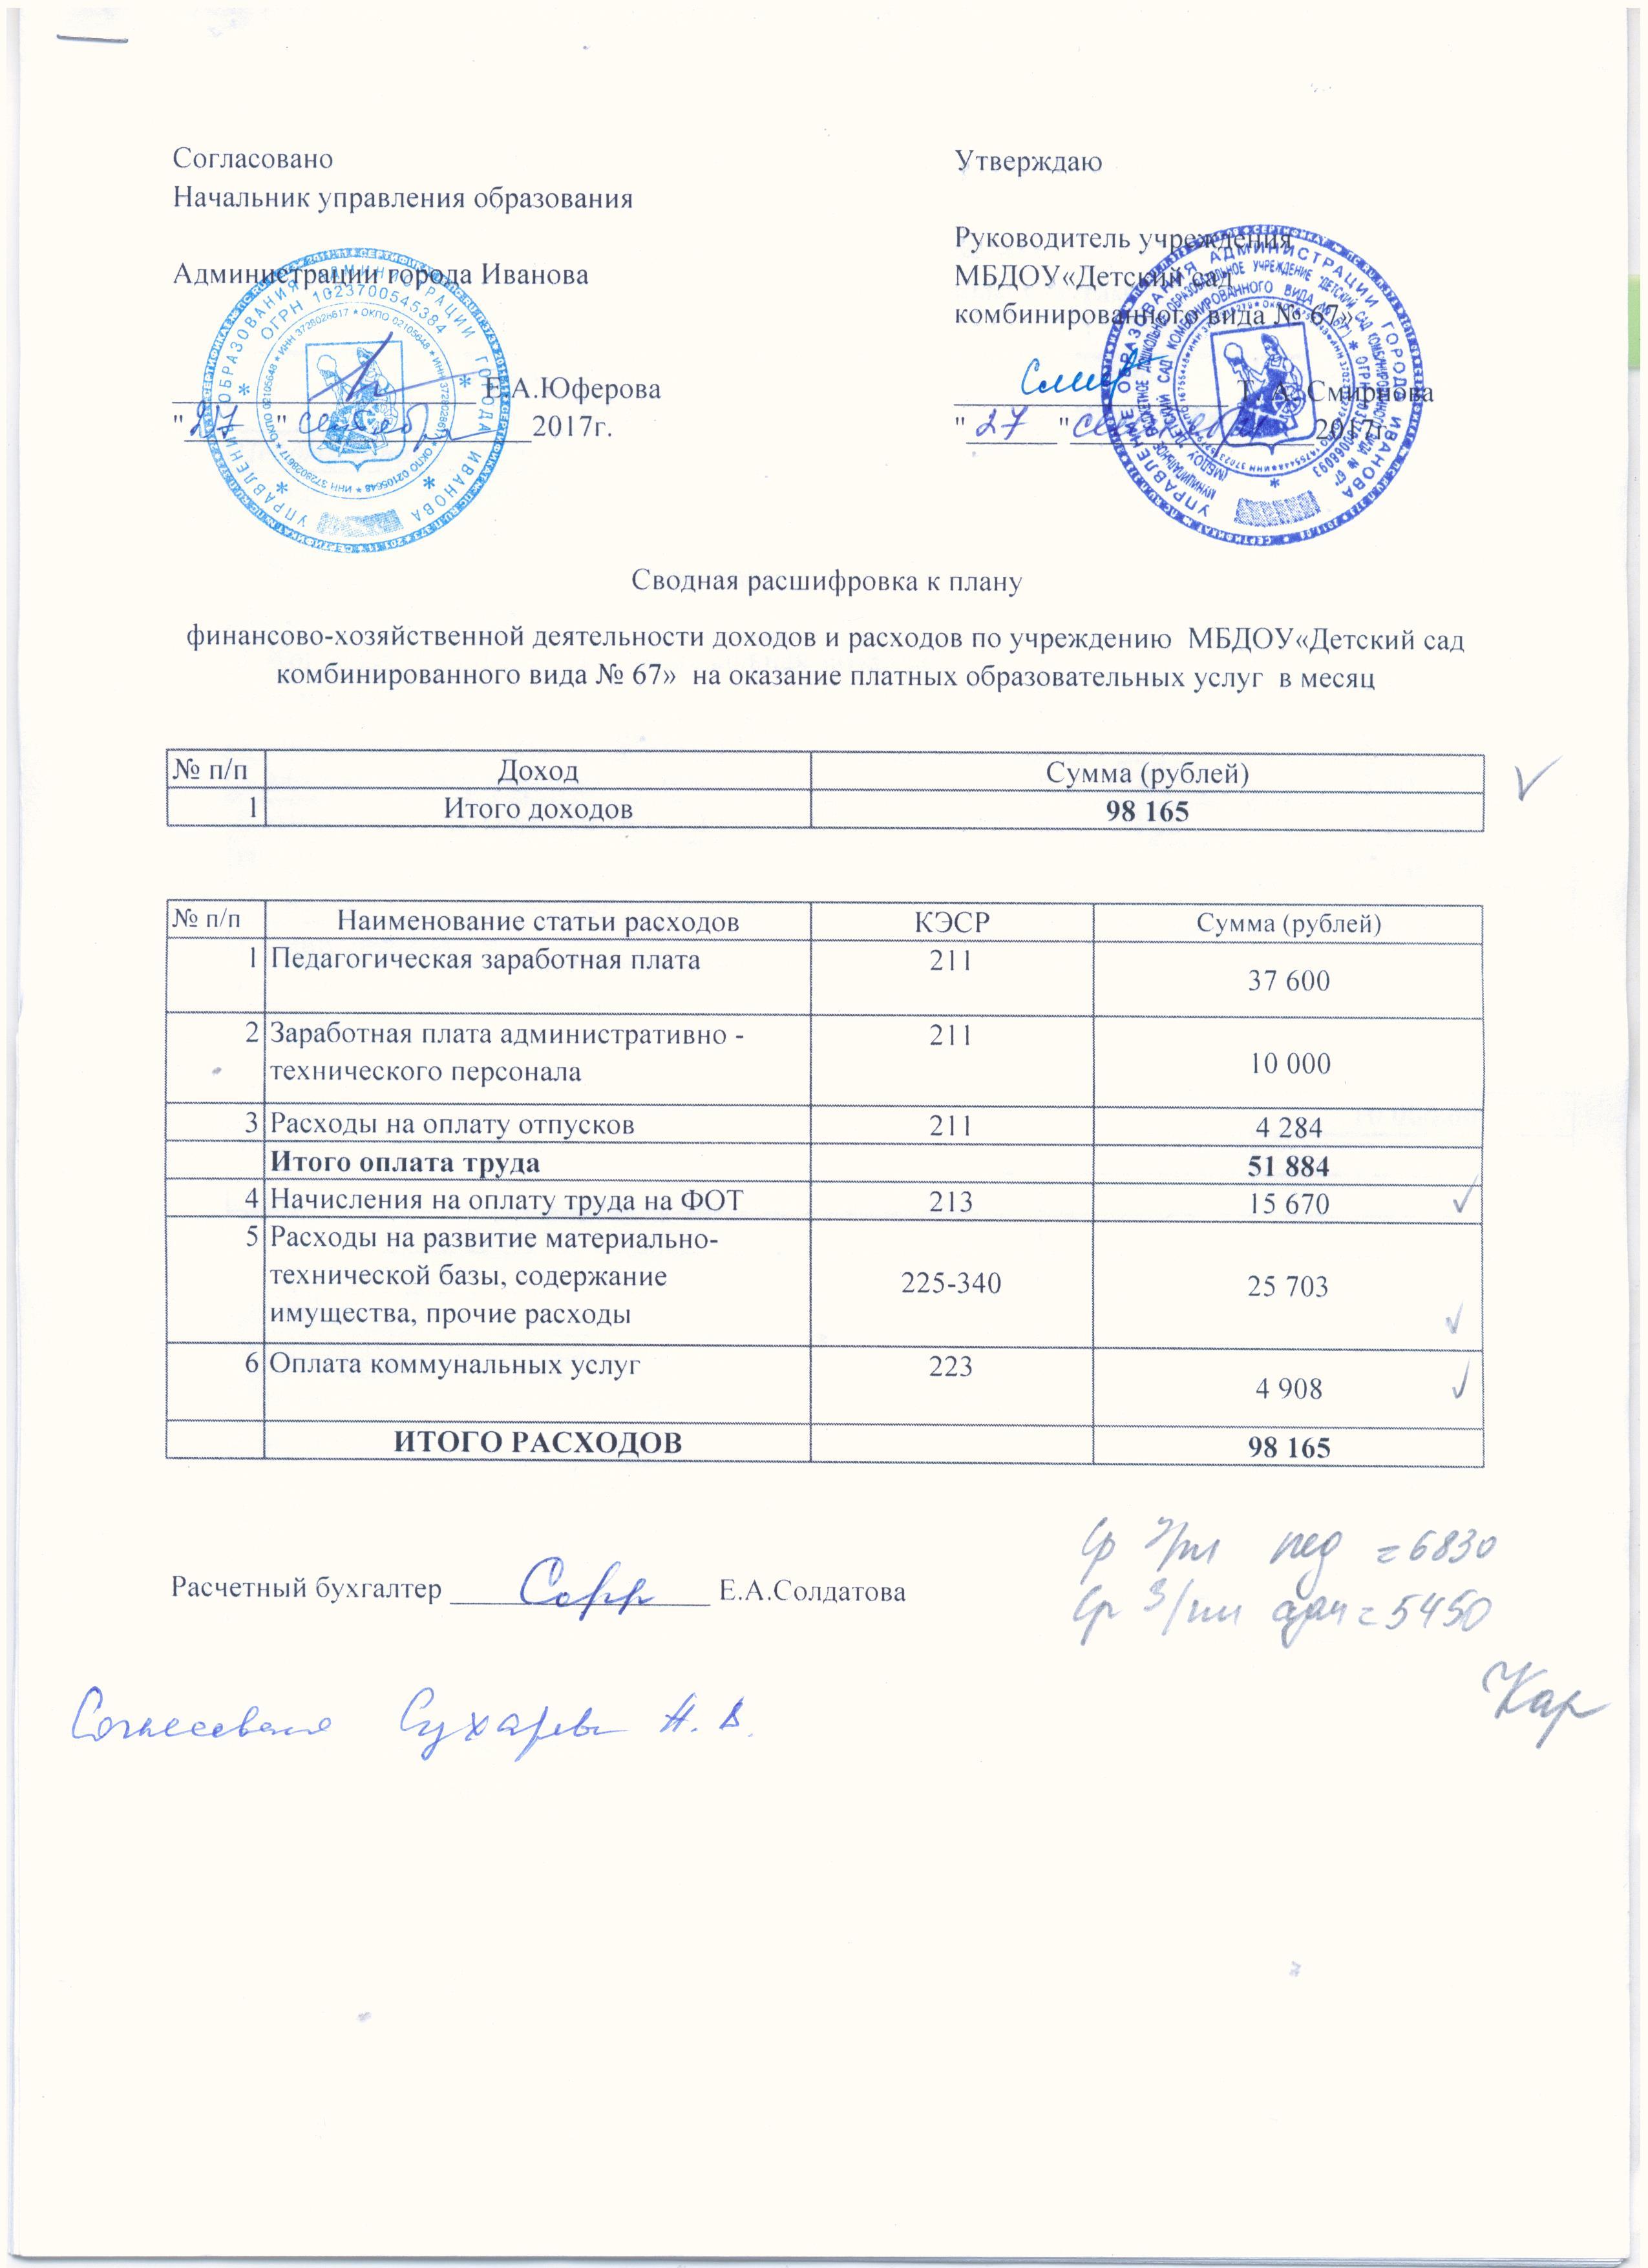 Отчет генерального директора перед учредителями образец